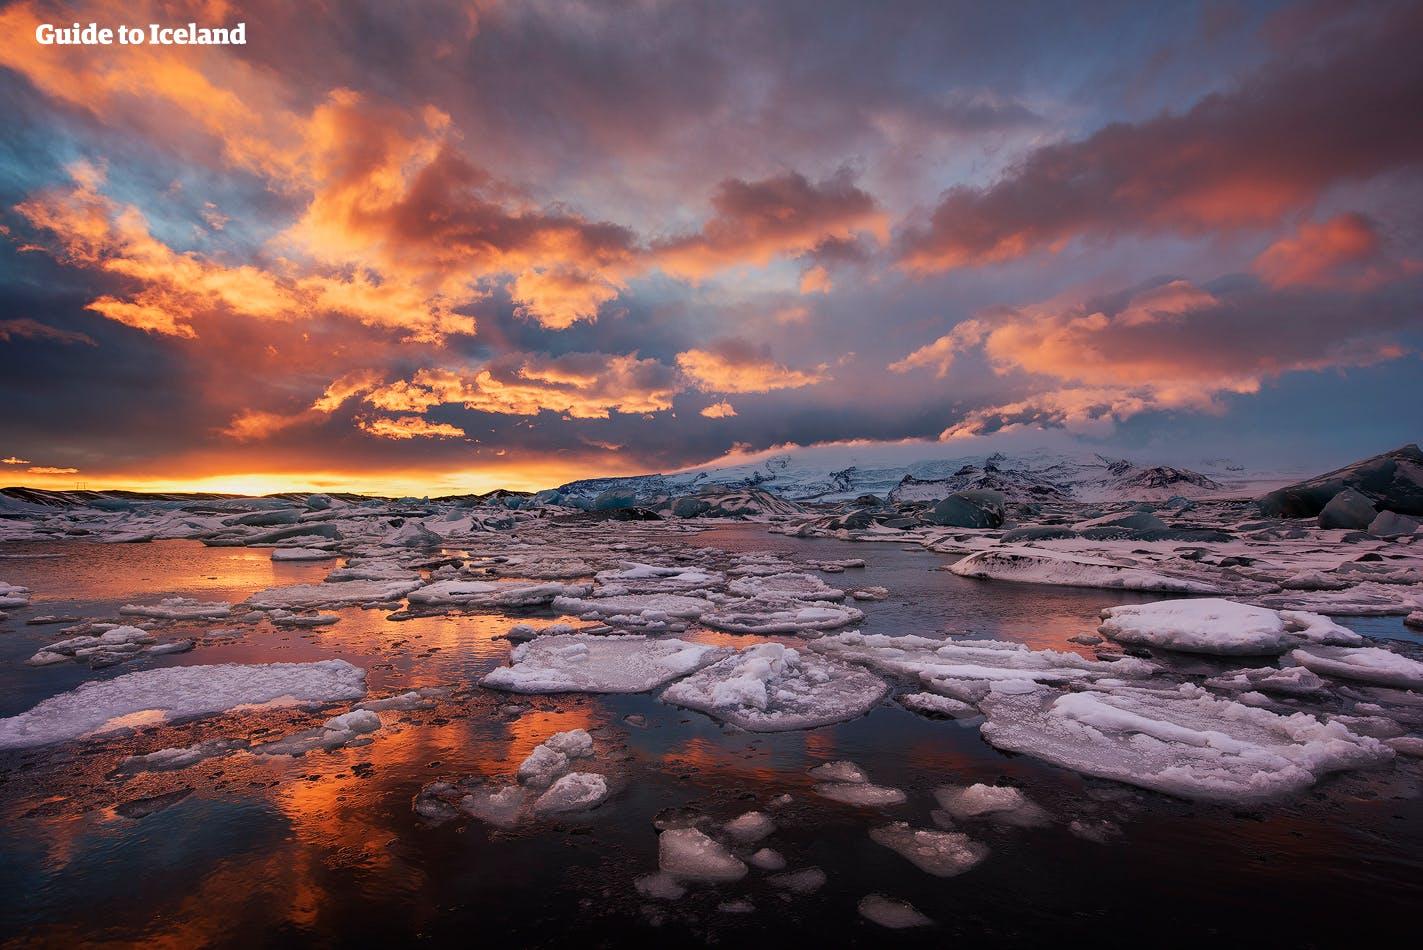 Autotour été relax de 10 jours | Snæfellsnes et Sud en profondeur - day 7